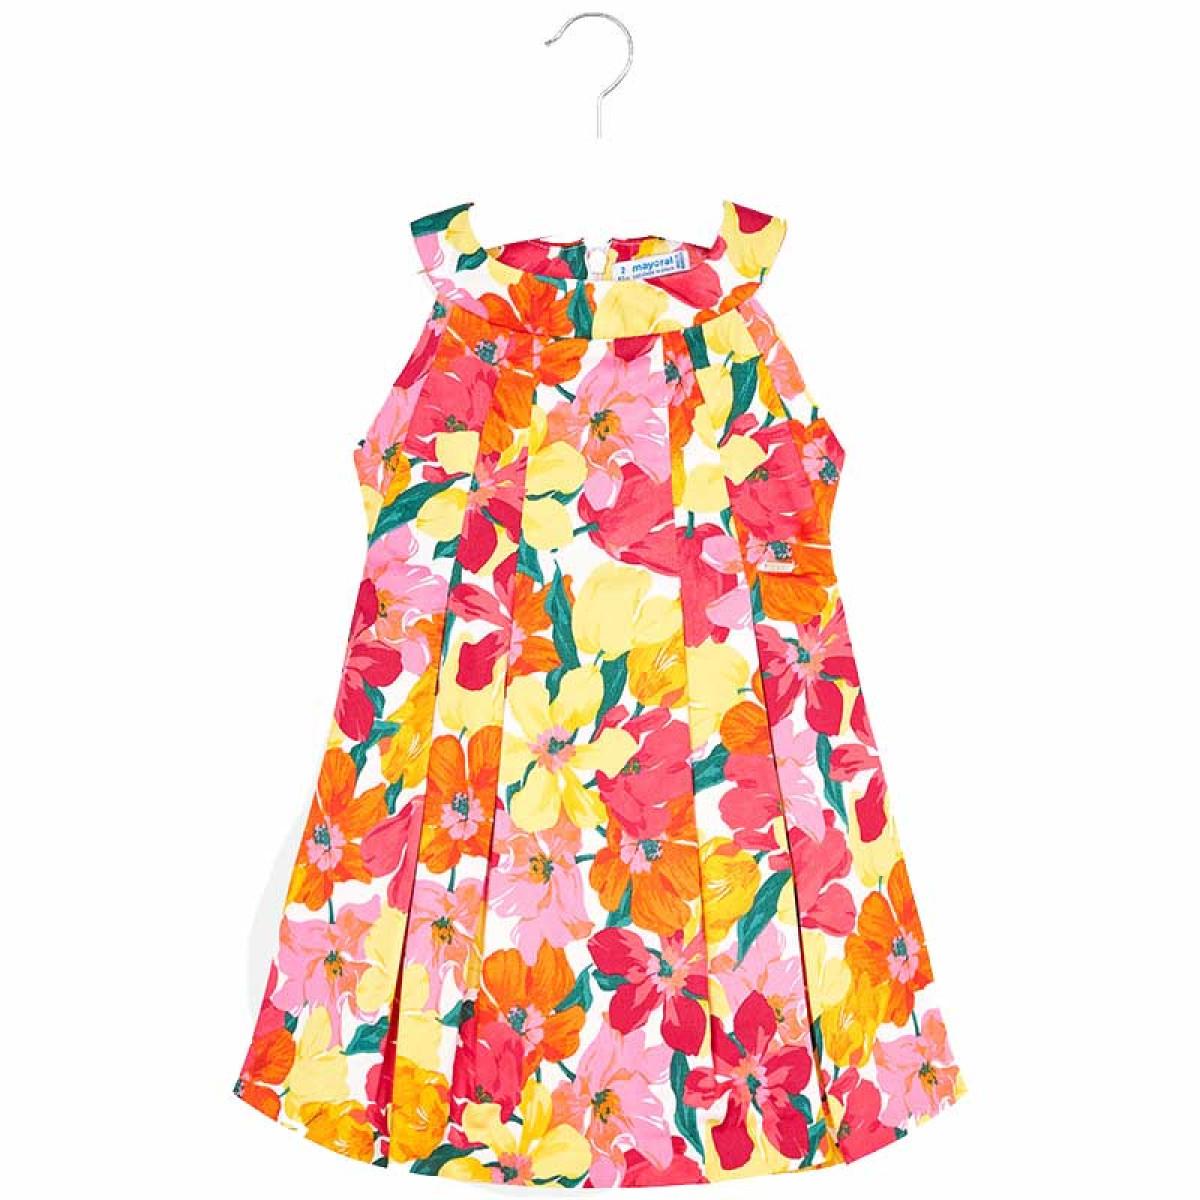 642f9958a3b Φορεμα σταμπωτο λουλουδια Mayoral 29-03925 - κοραλι Παιδικά